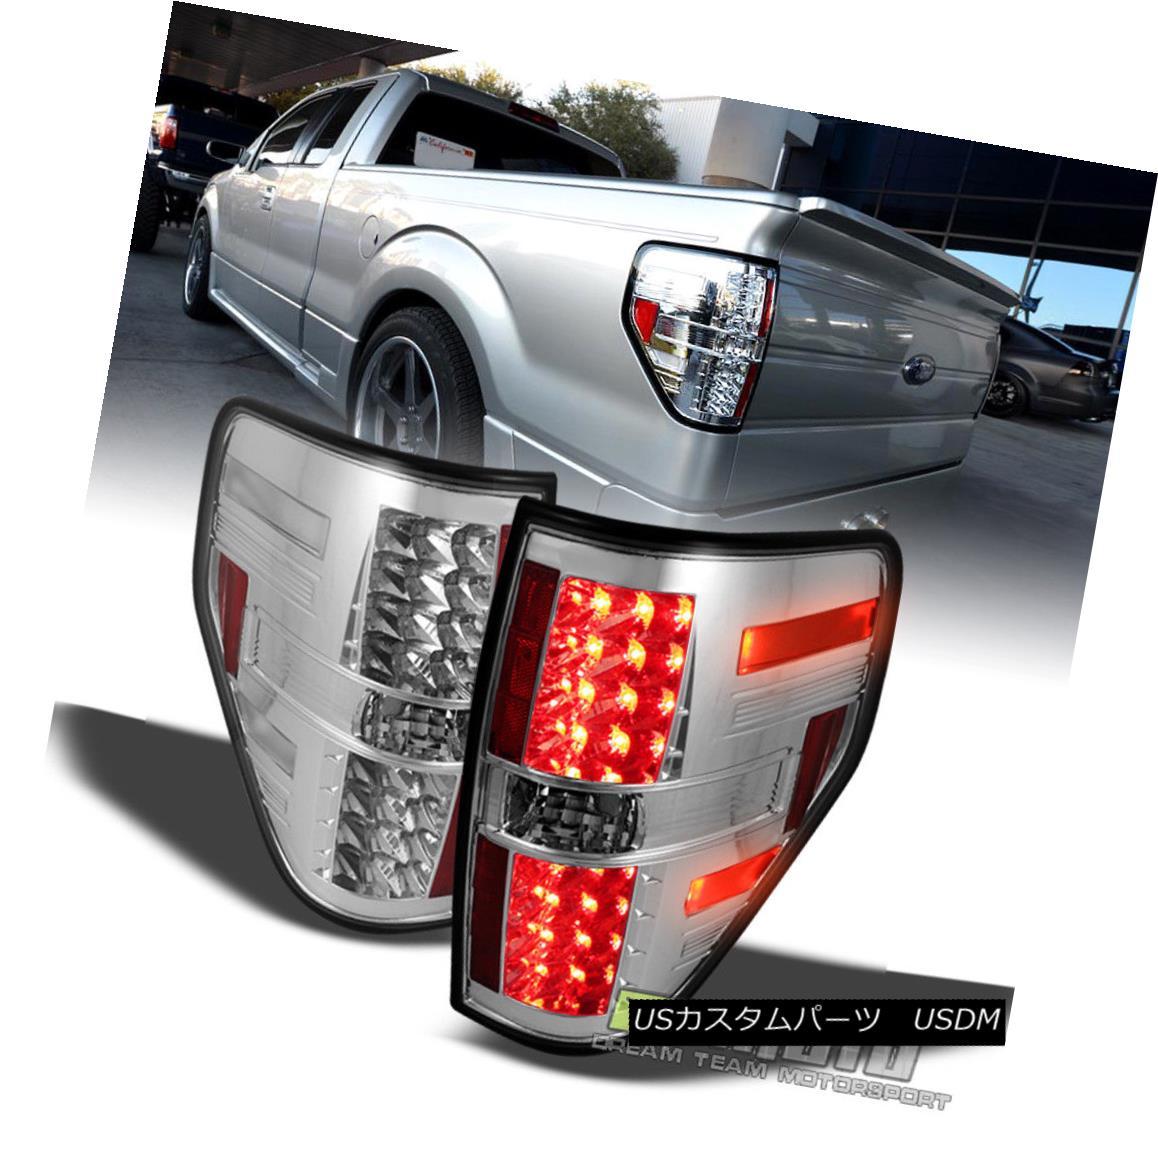 テールライト 09-14 Ford F-150 Tail Lights Brake Lamp Styleside Philips Lumiled LED Left+Right 09-14 Ford F-150テールライトブレーキランプStyleside Philips Lumiled LED左+右